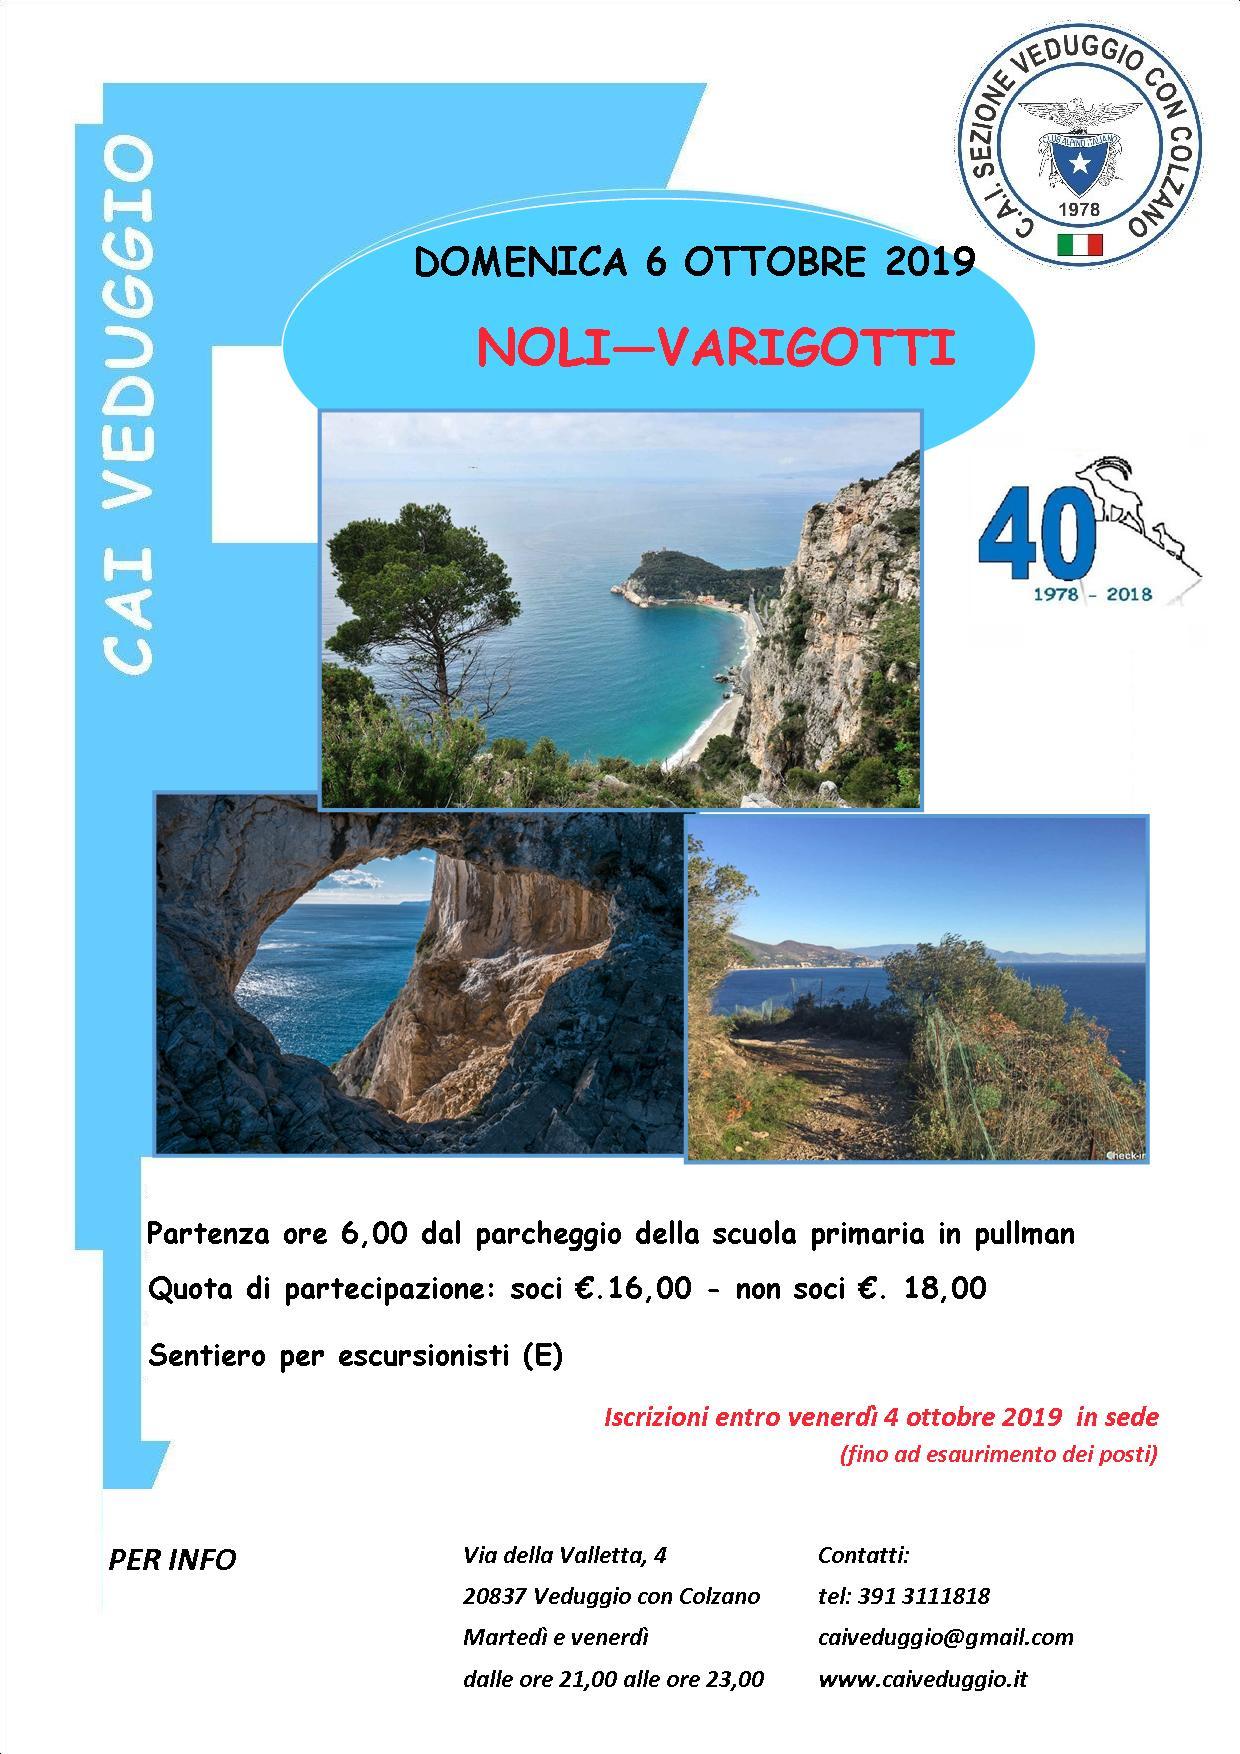 Domenica 6 ottobre 2019 – Escursione lungo il mare da Noli a Varigotti